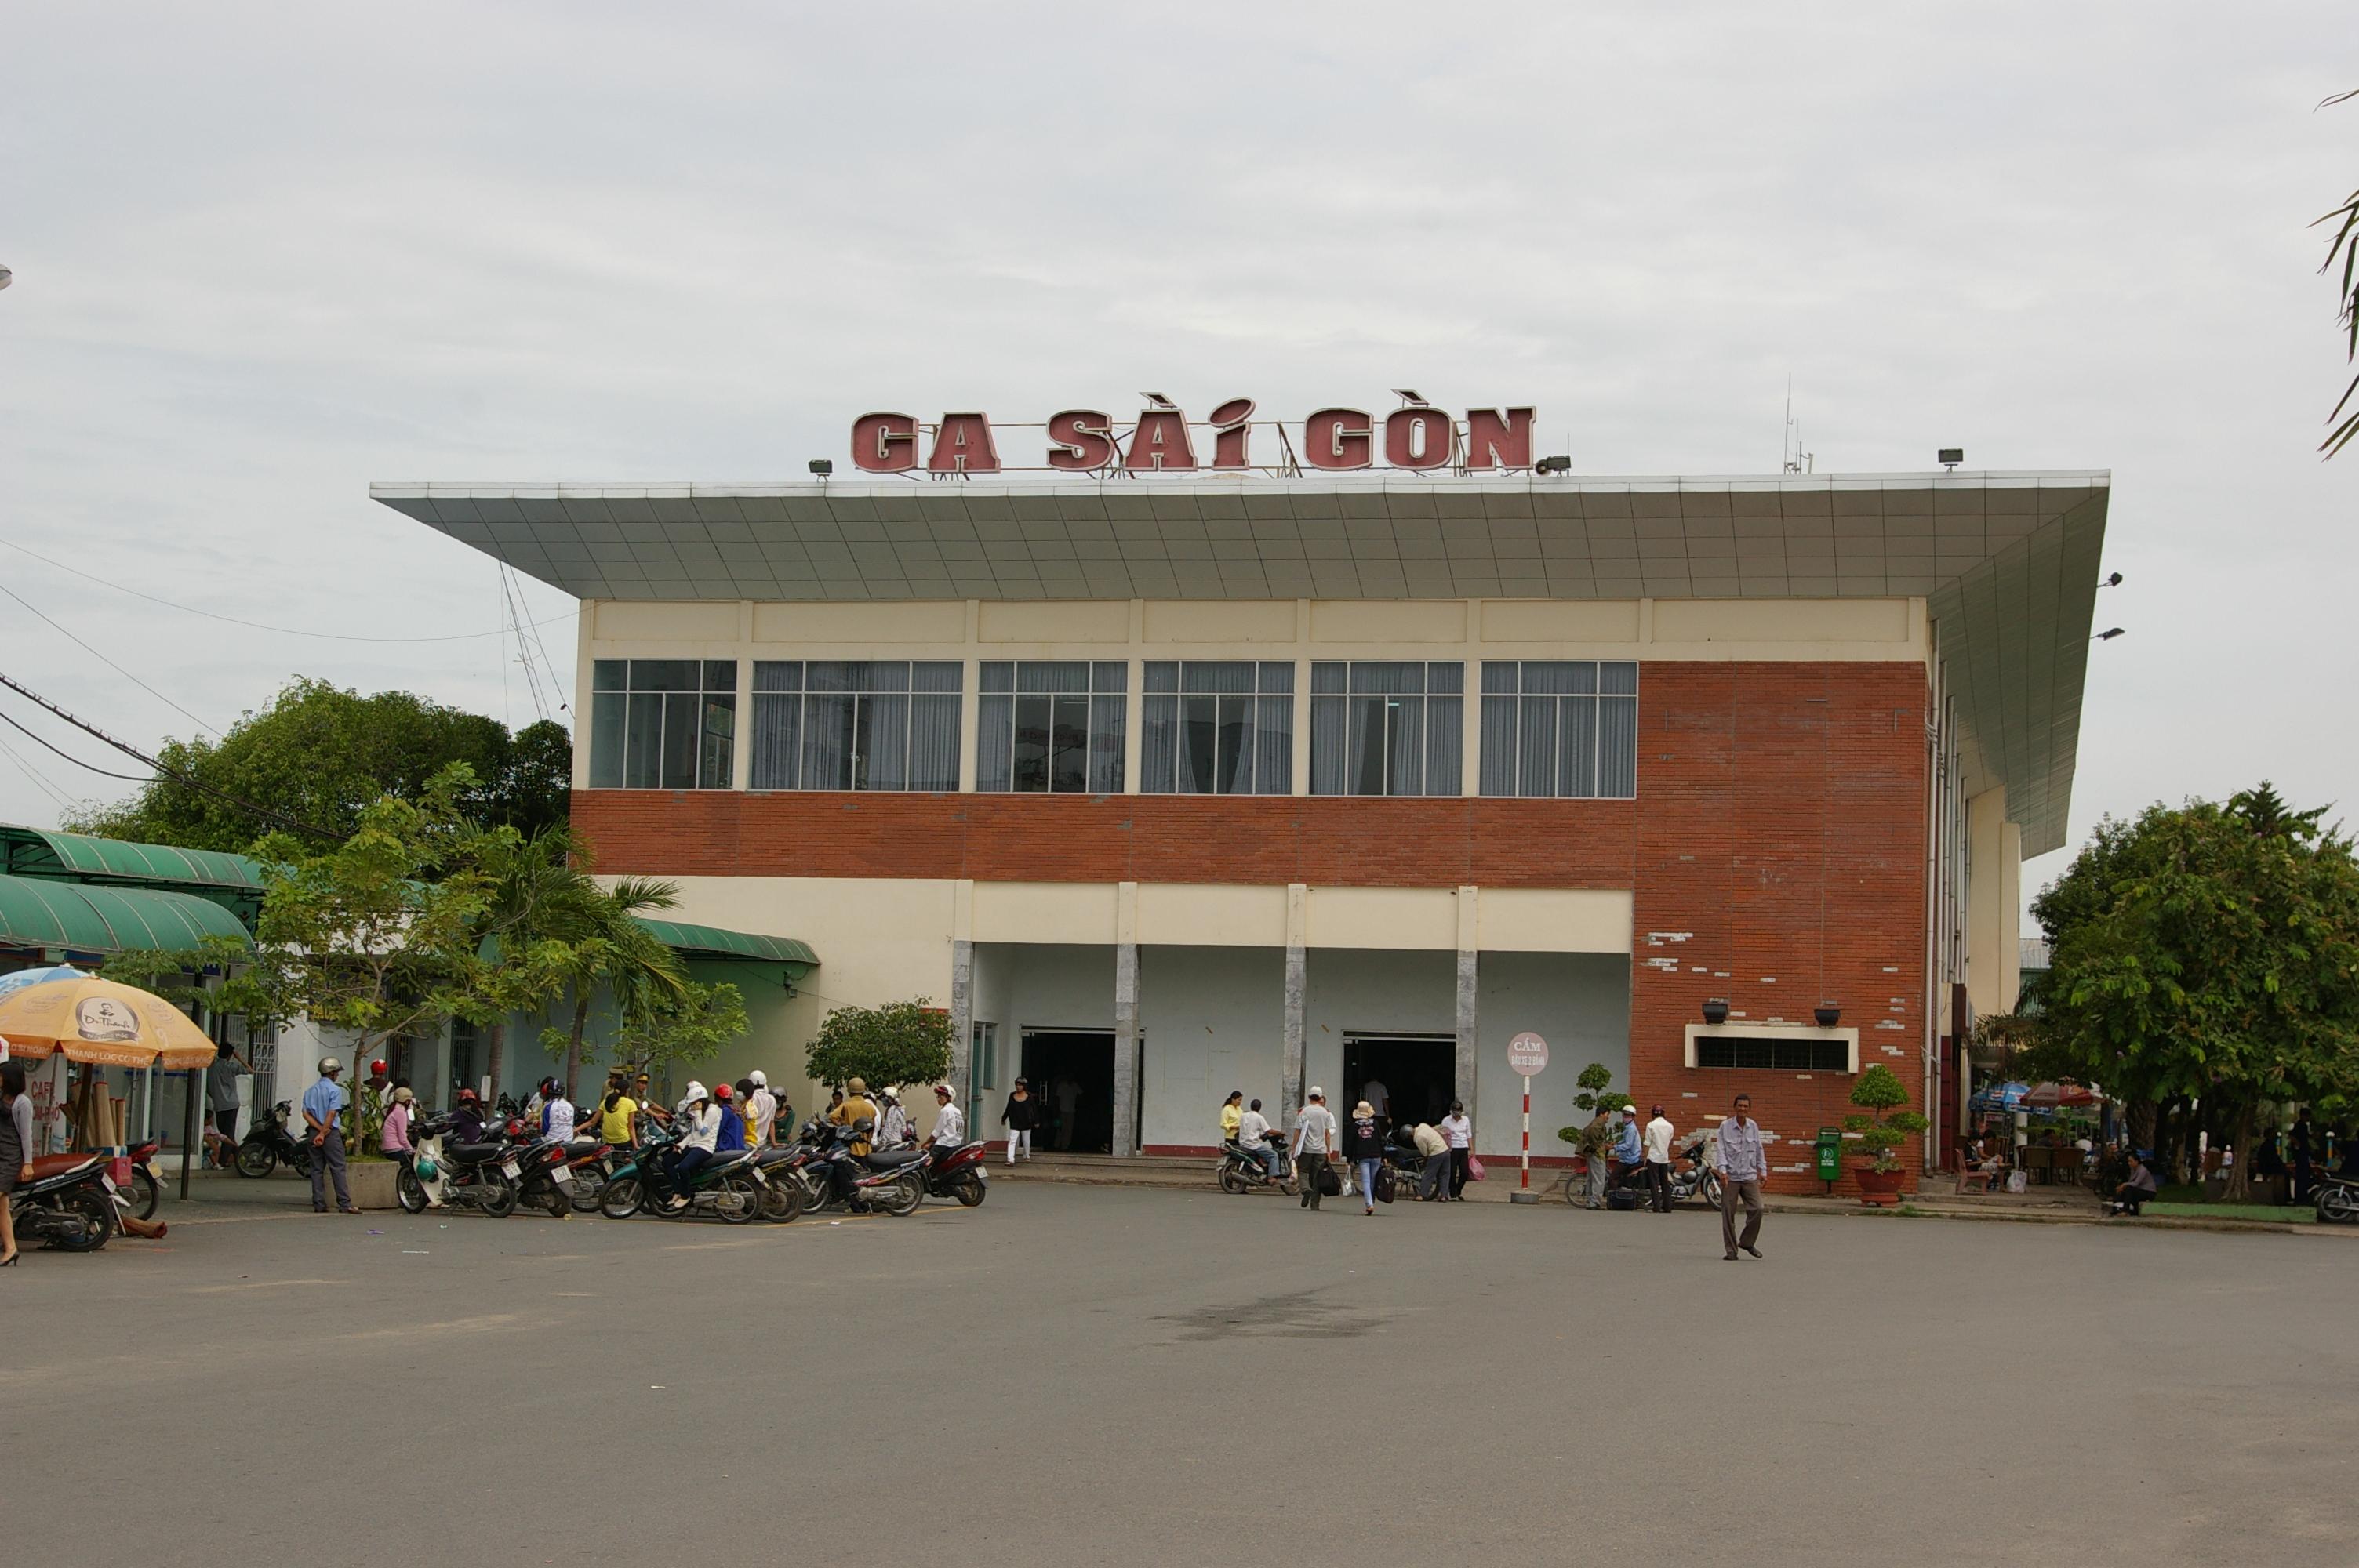 ホーチミンにある統一鉄道サイゴン駅